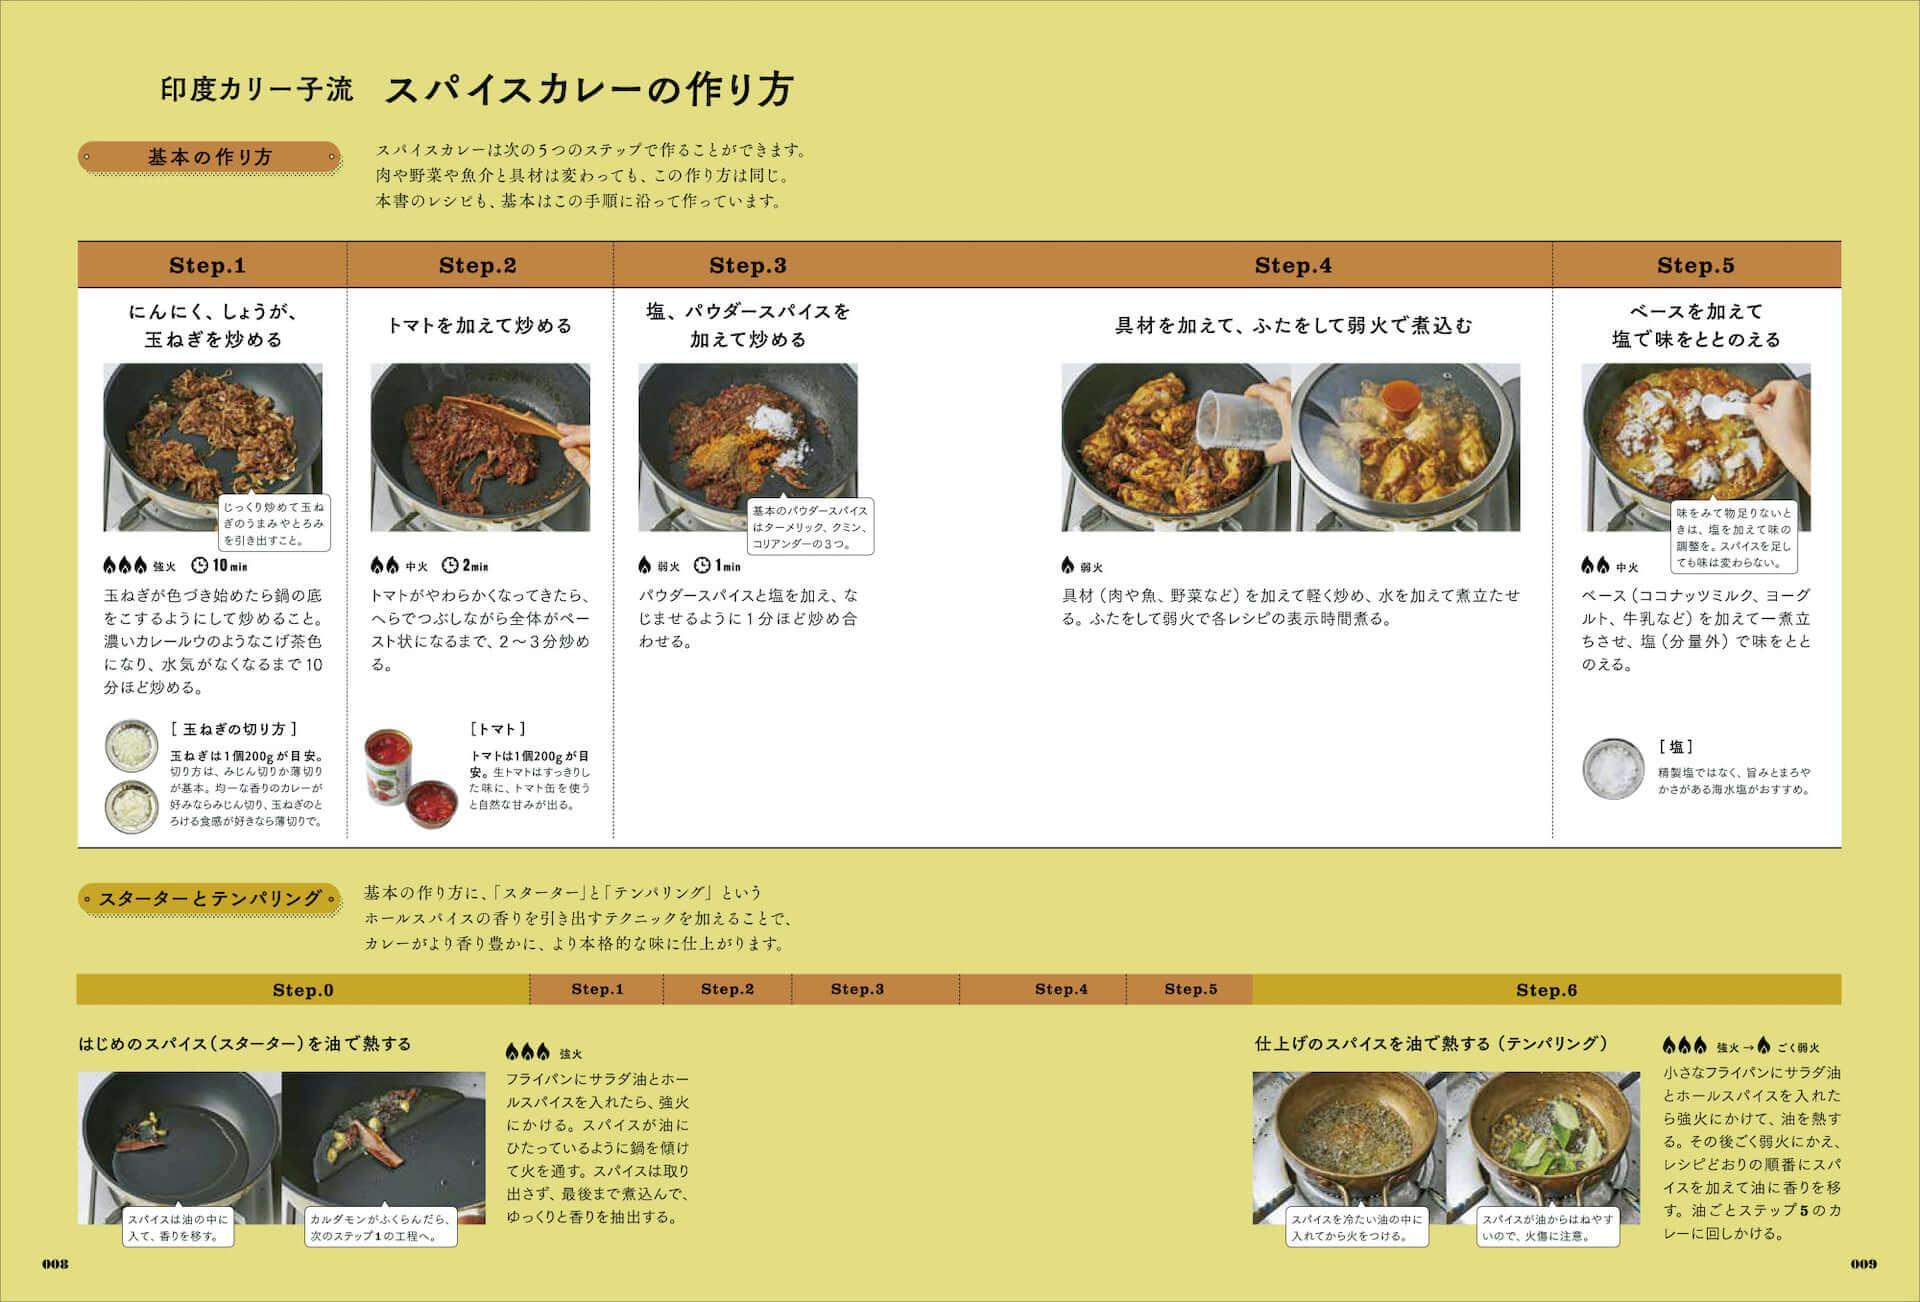 ディープなスパイスカレーをおうちでも!スパイス料理研究家・印度カリー子による本格カレーレシピ本が発売決定 gourmet200622_curry_book_2-1920x1302